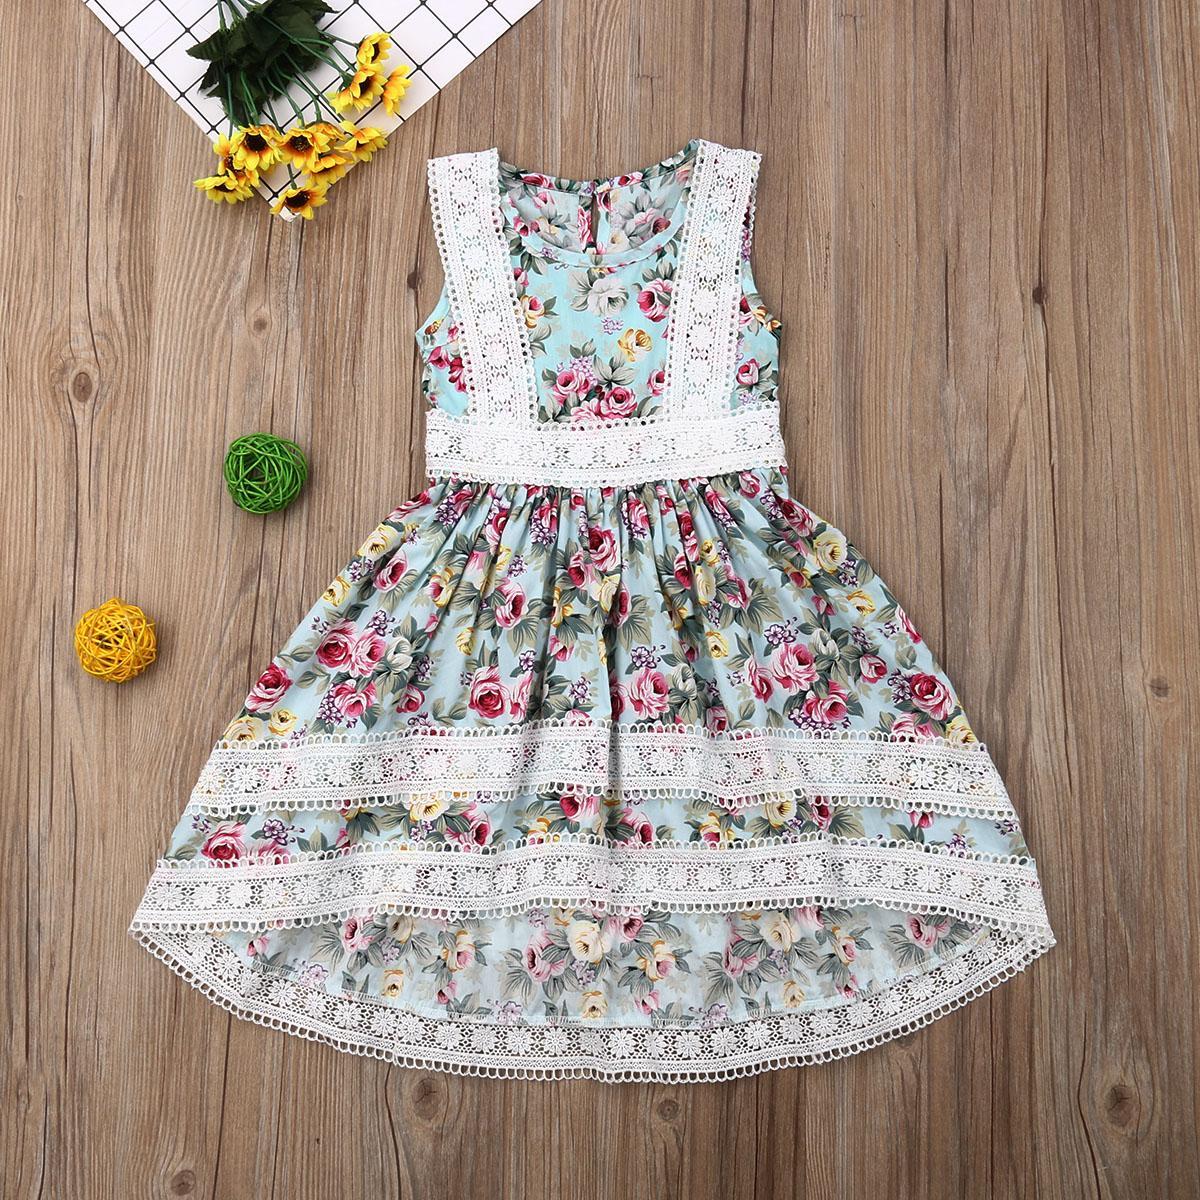 2019 유아 어린이 아기 소녀 민소매 드레스 여름 라운드 넥 블루 꽃 공주 선발 대회 레이스 투투 드레스 의류 2-7Y